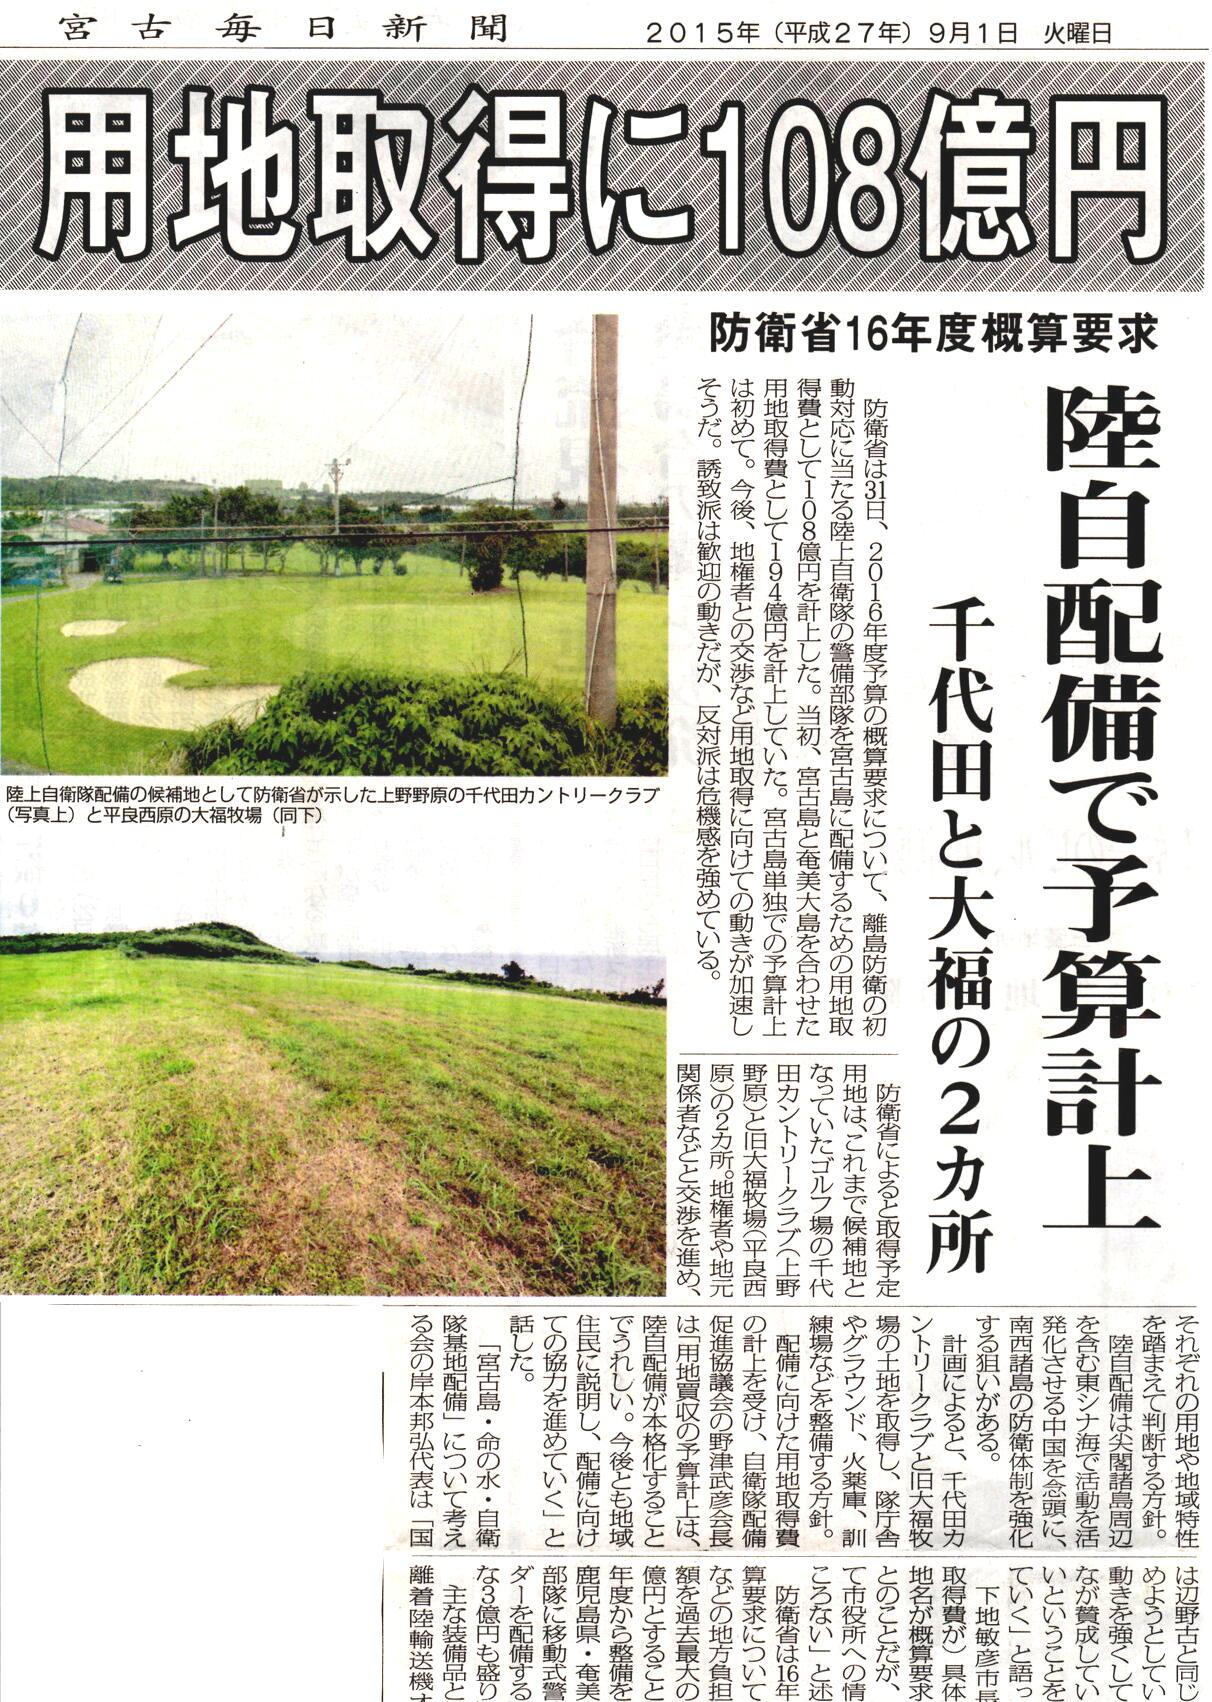 2015 0901陸自宮古予算108億[1]